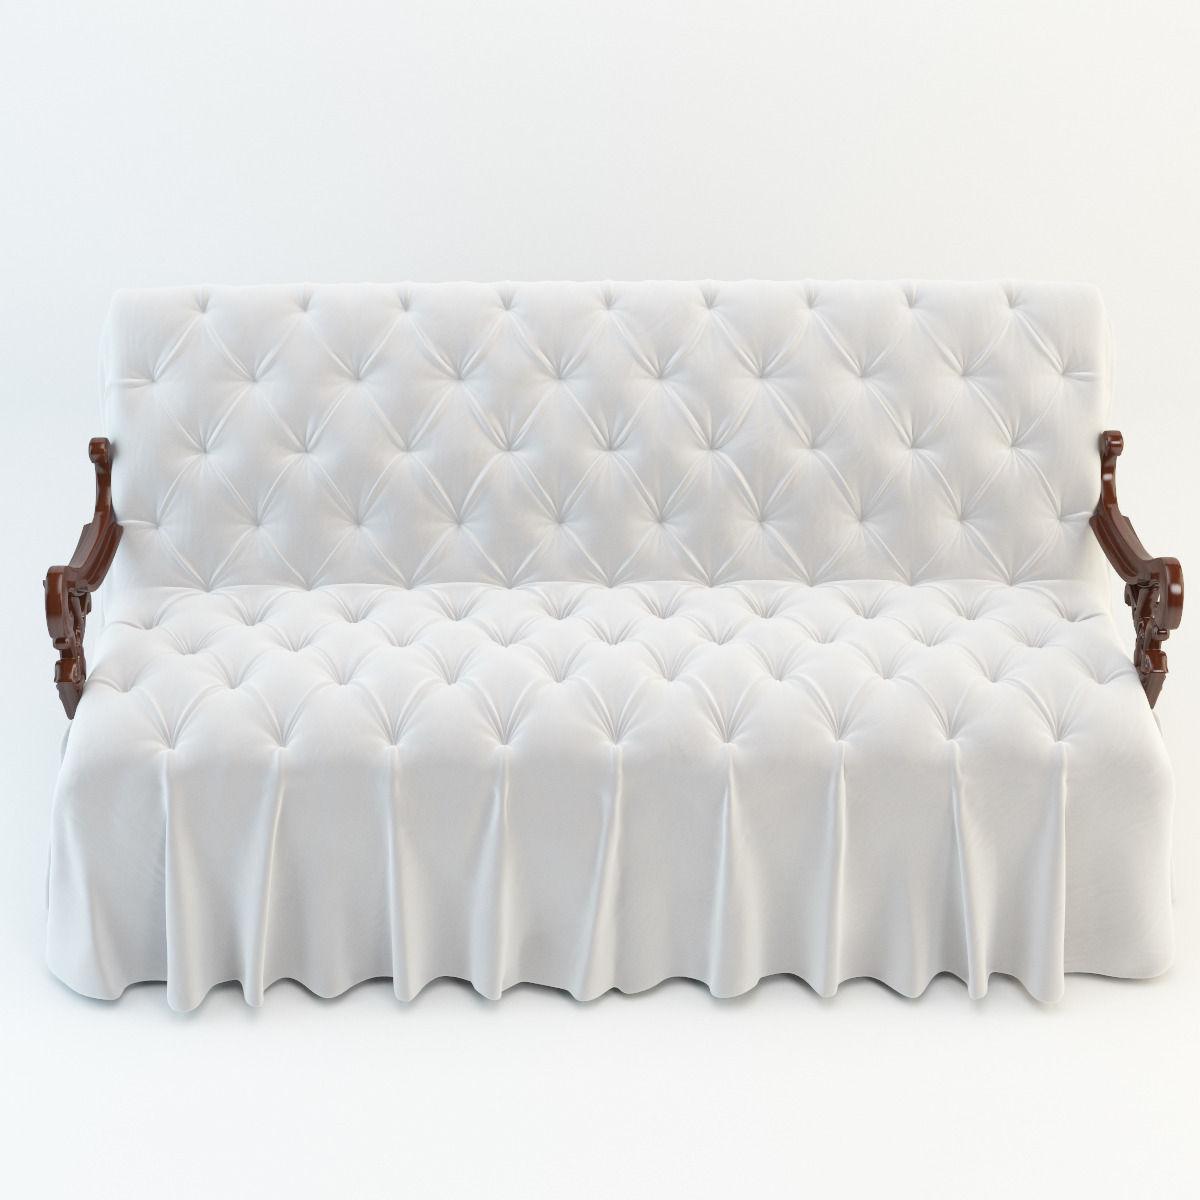 Exceptional Wedding Sofa 3d Model 3d Model Max Obj 1 ...